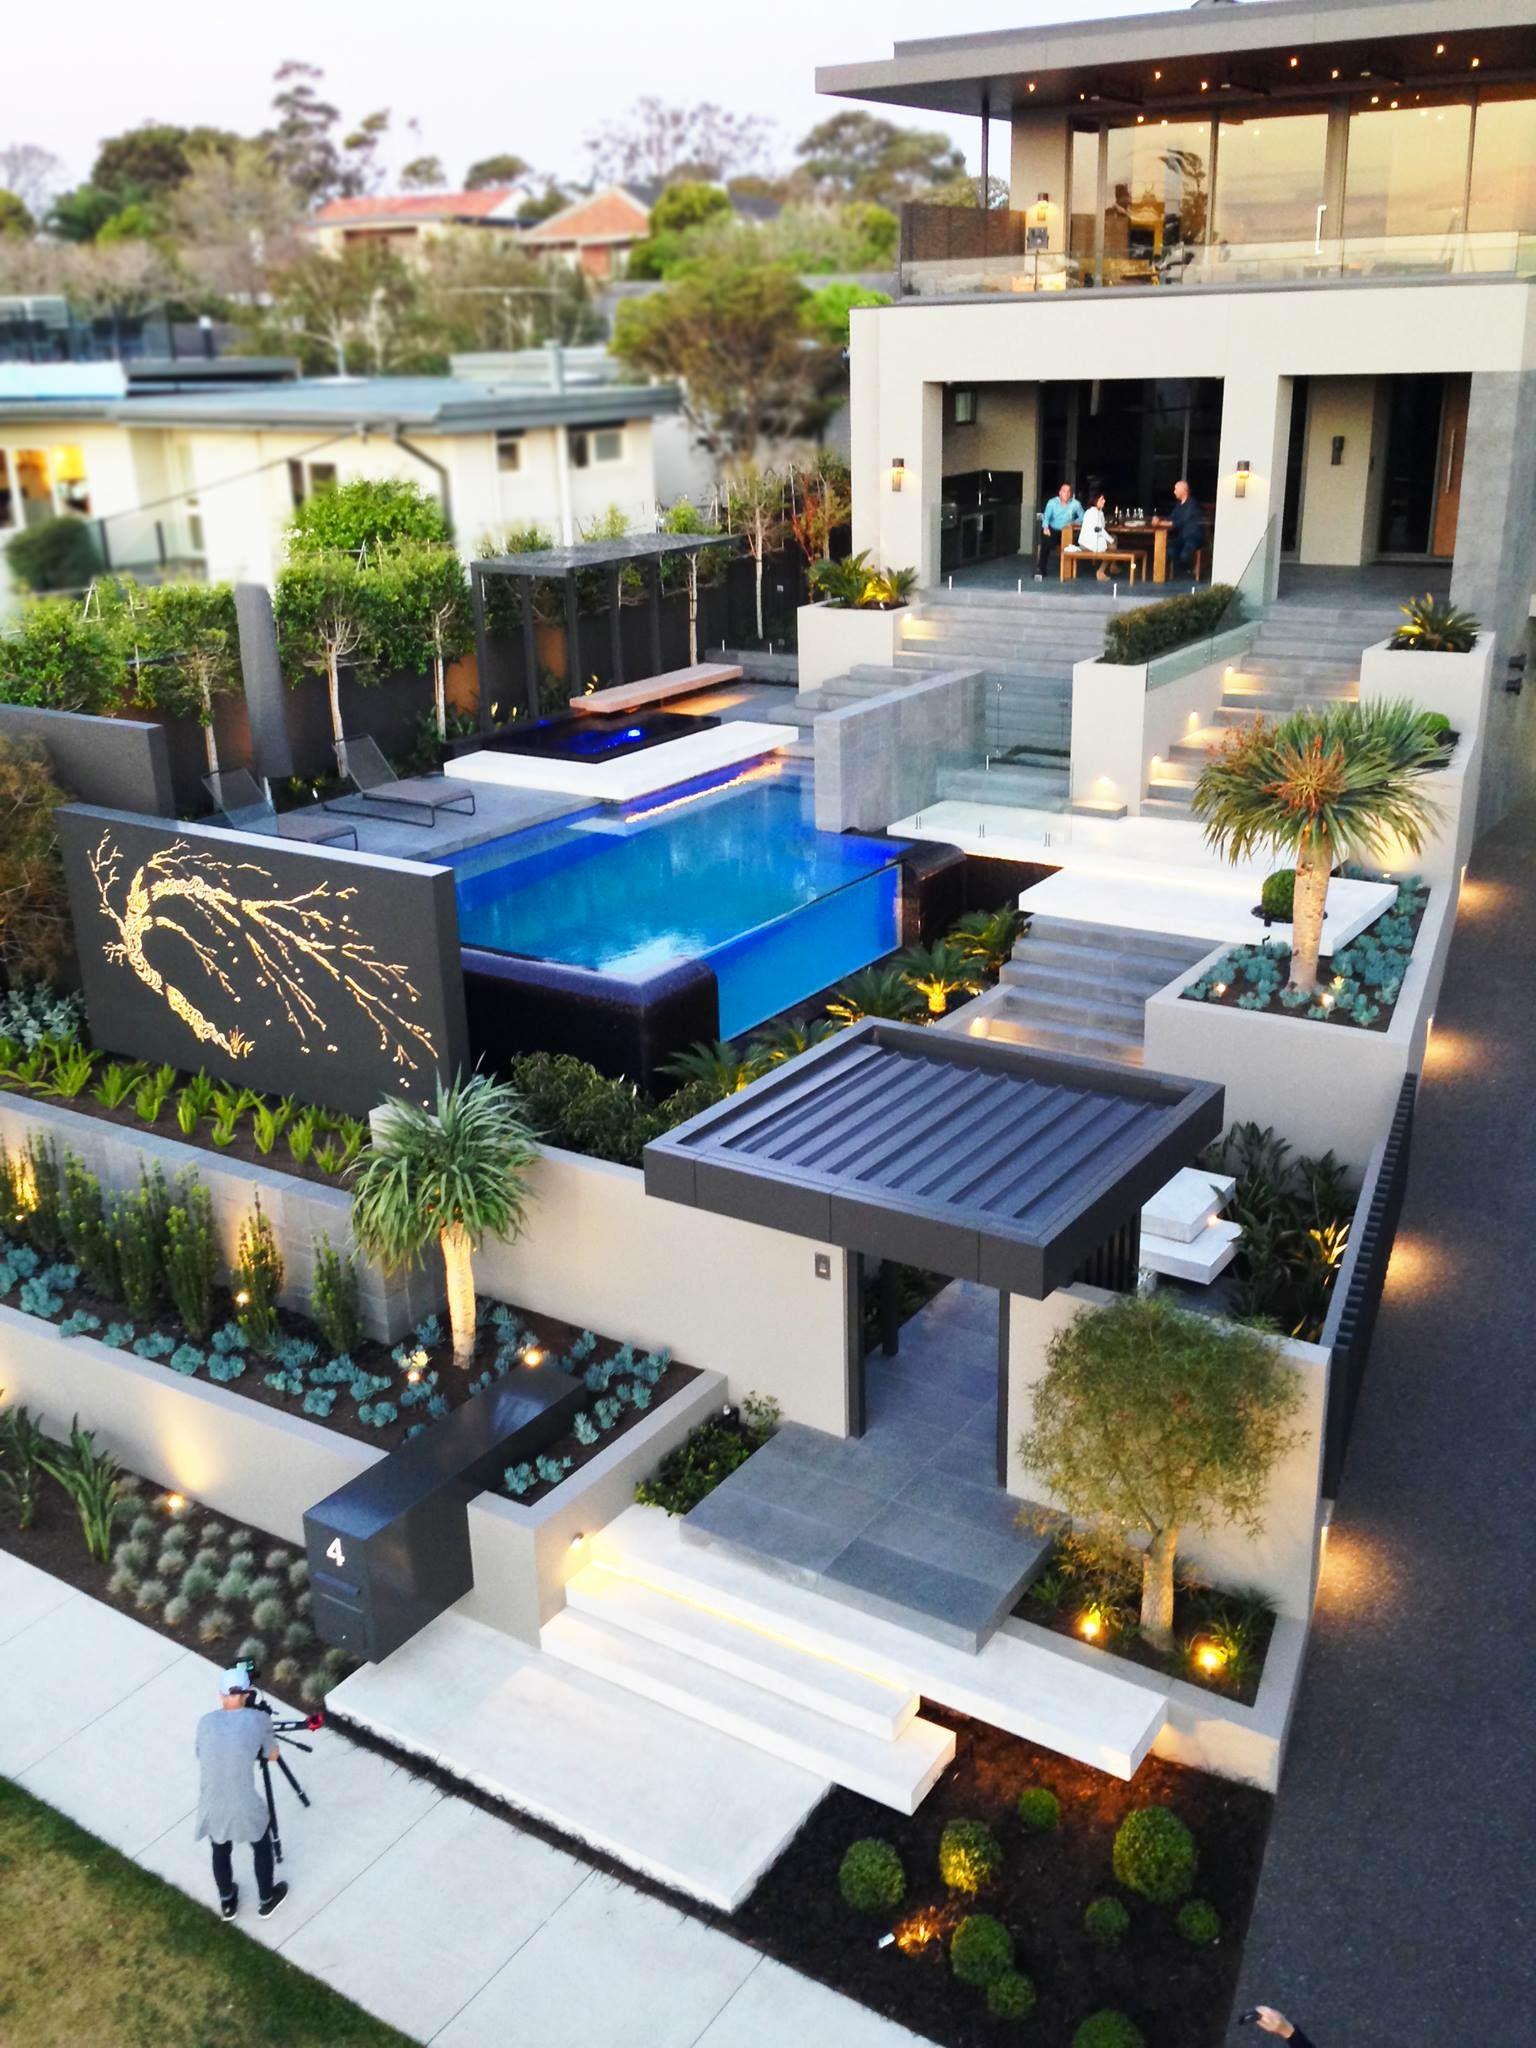 Contemporary designed Home with the Greens / TechNews24h.com